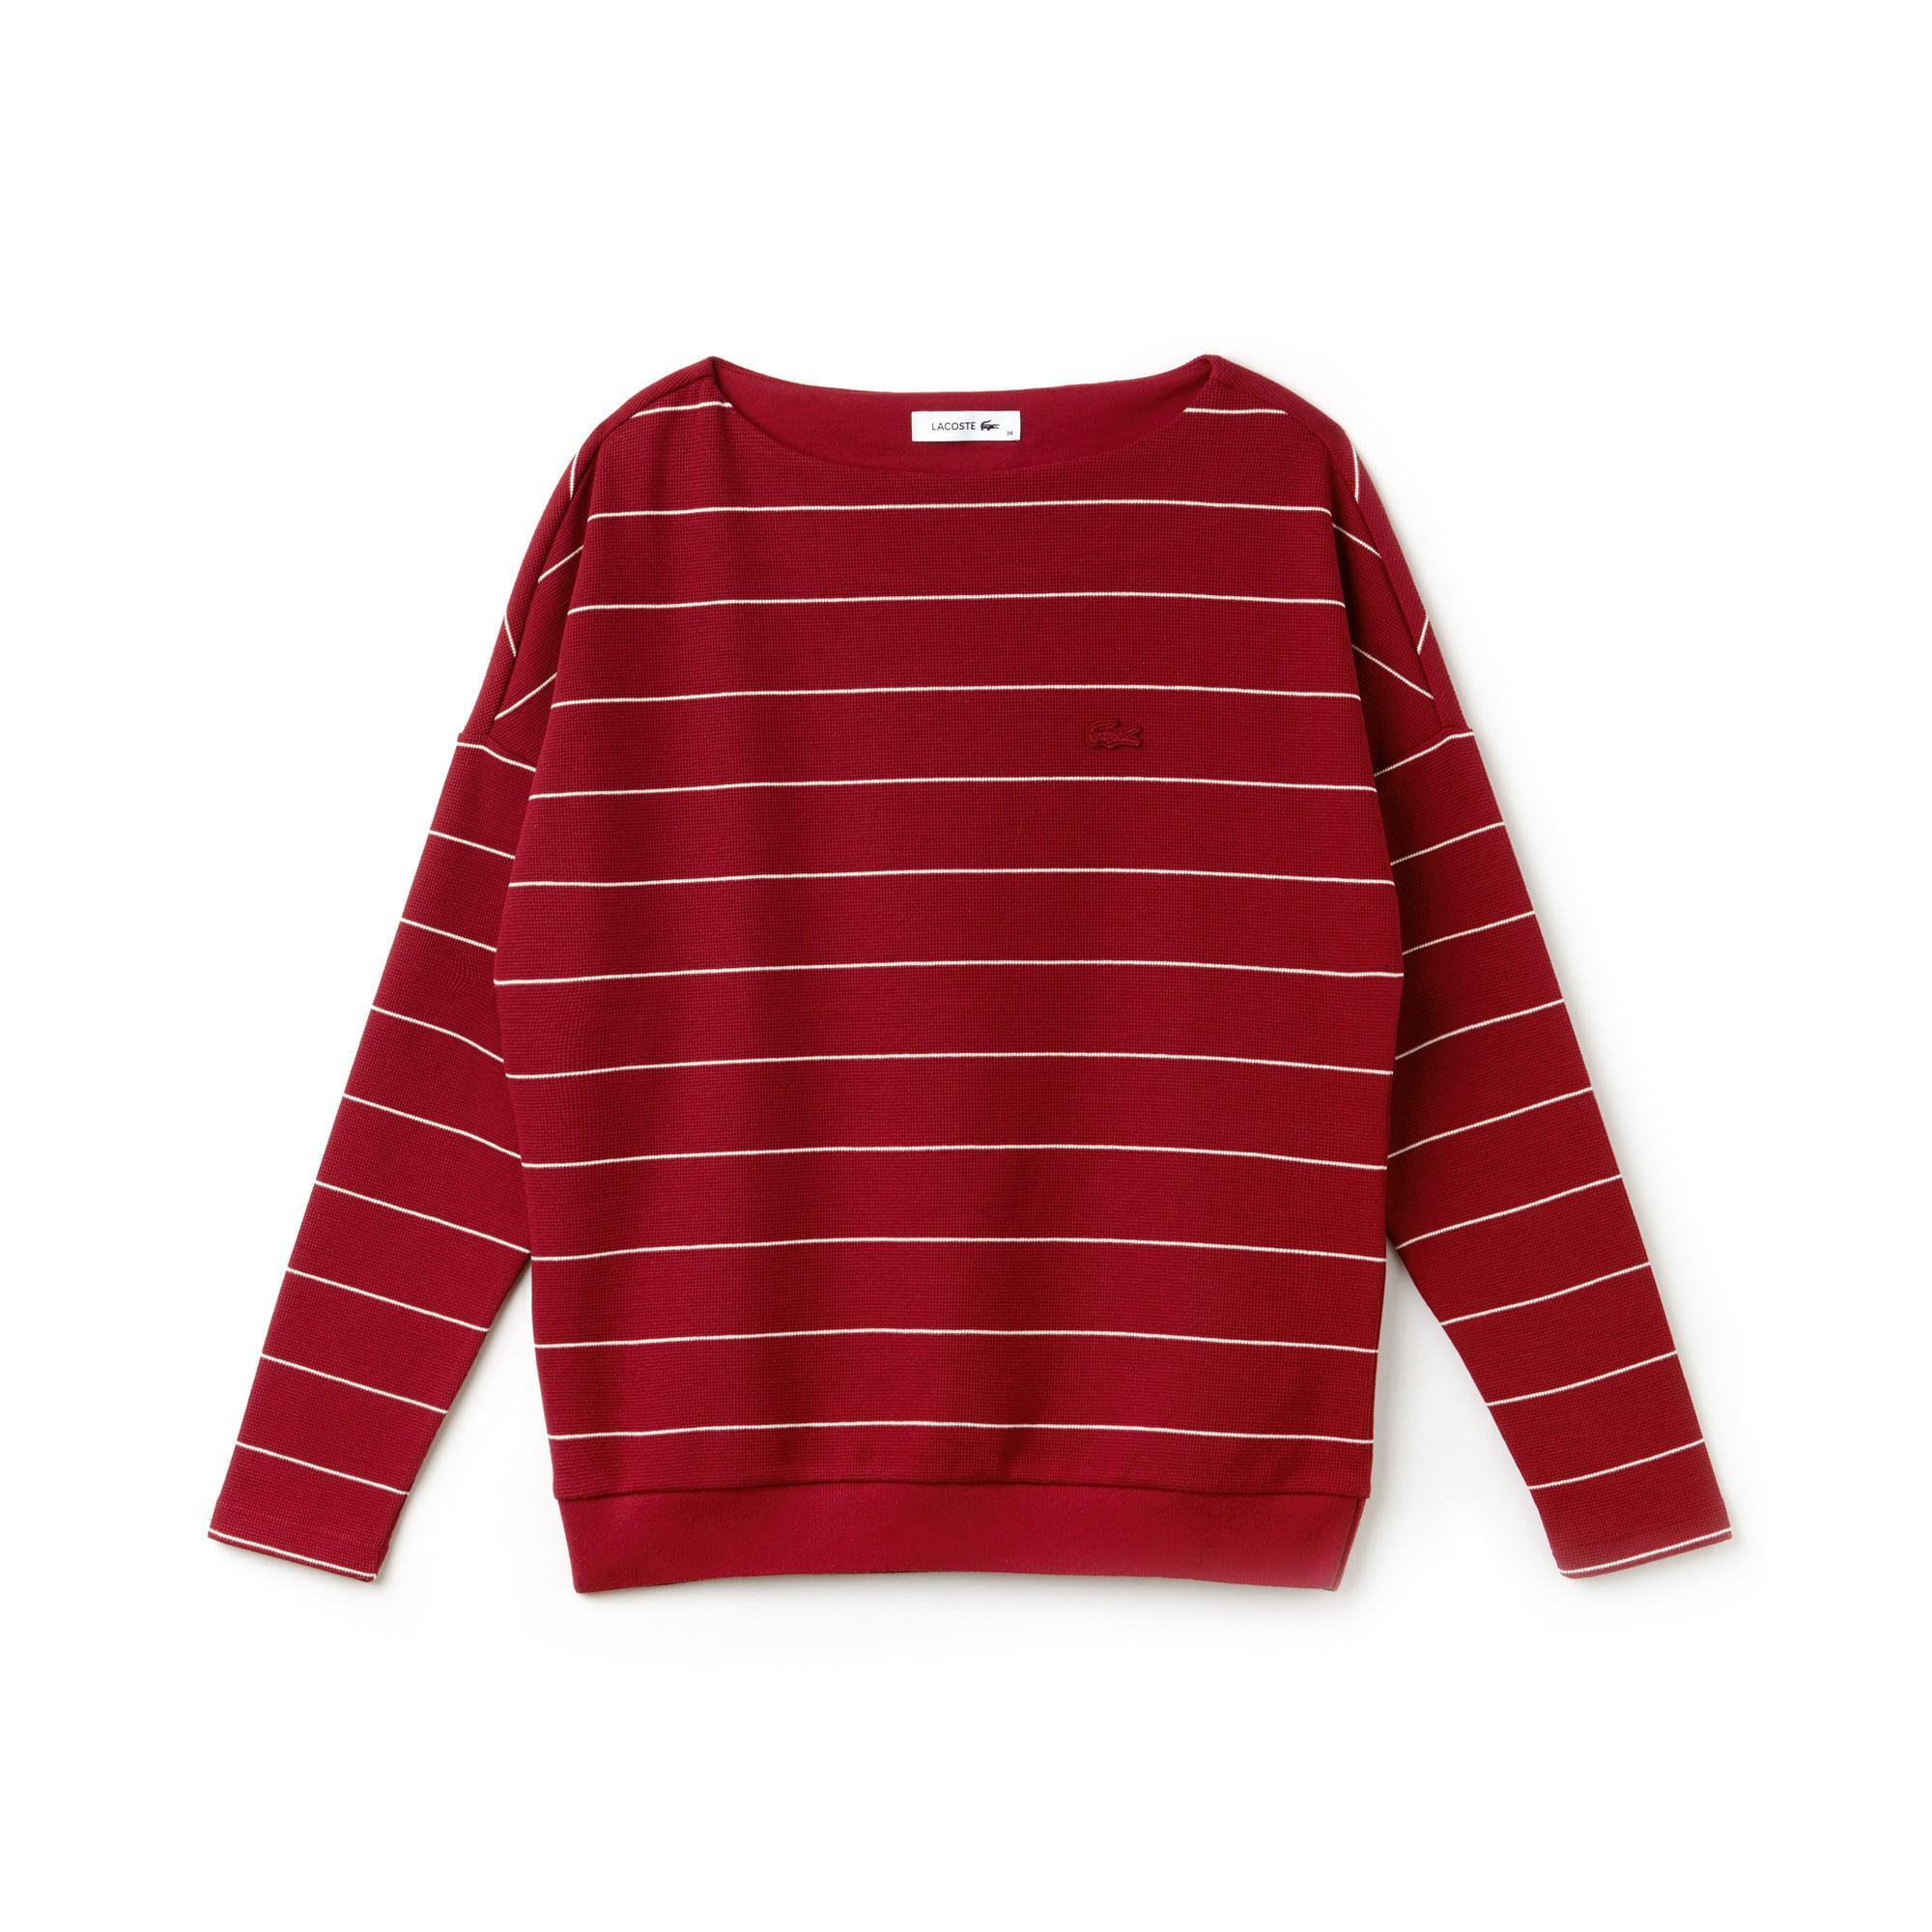 Women's Boat Neck Honeycomb Sweatshirt